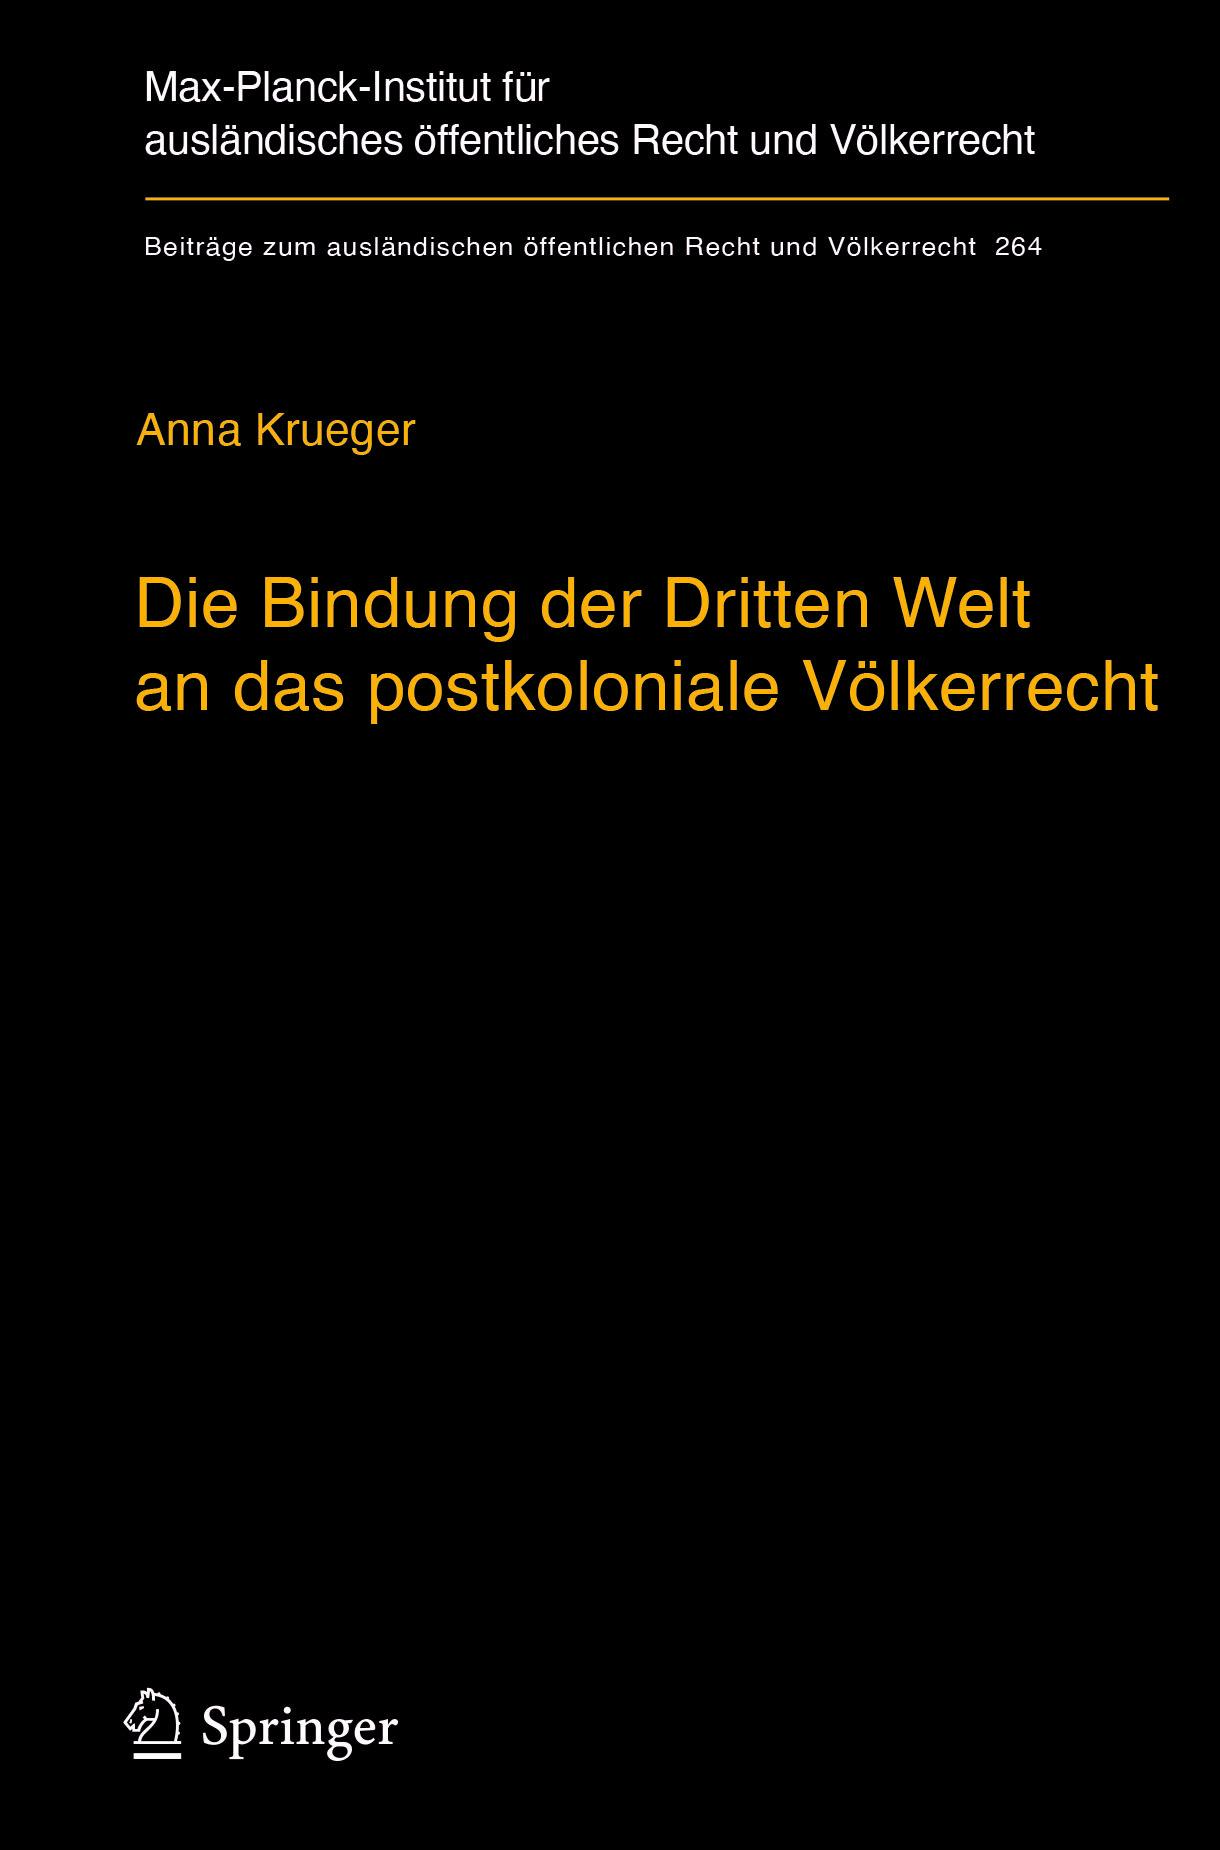 Krueger, Anna - Die Bindung der Dritten Welt an das postkoloniale Völkerrecht, ebook